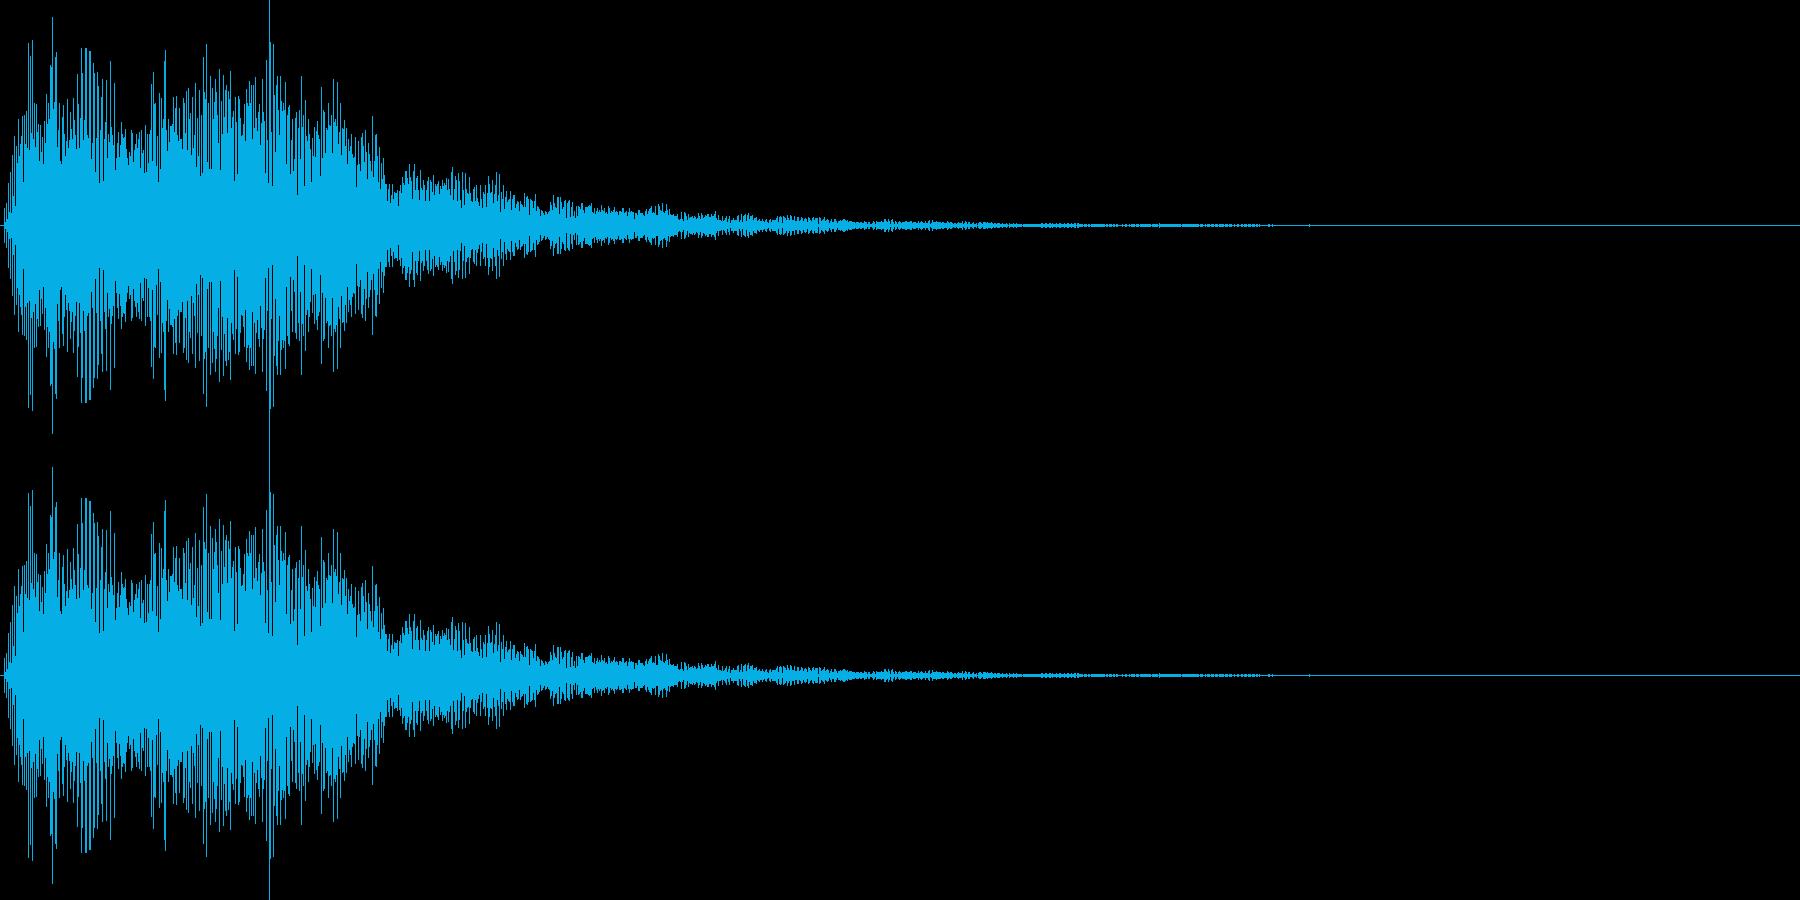 デデーン2 (クイズ出題系 音程普通)の再生済みの波形